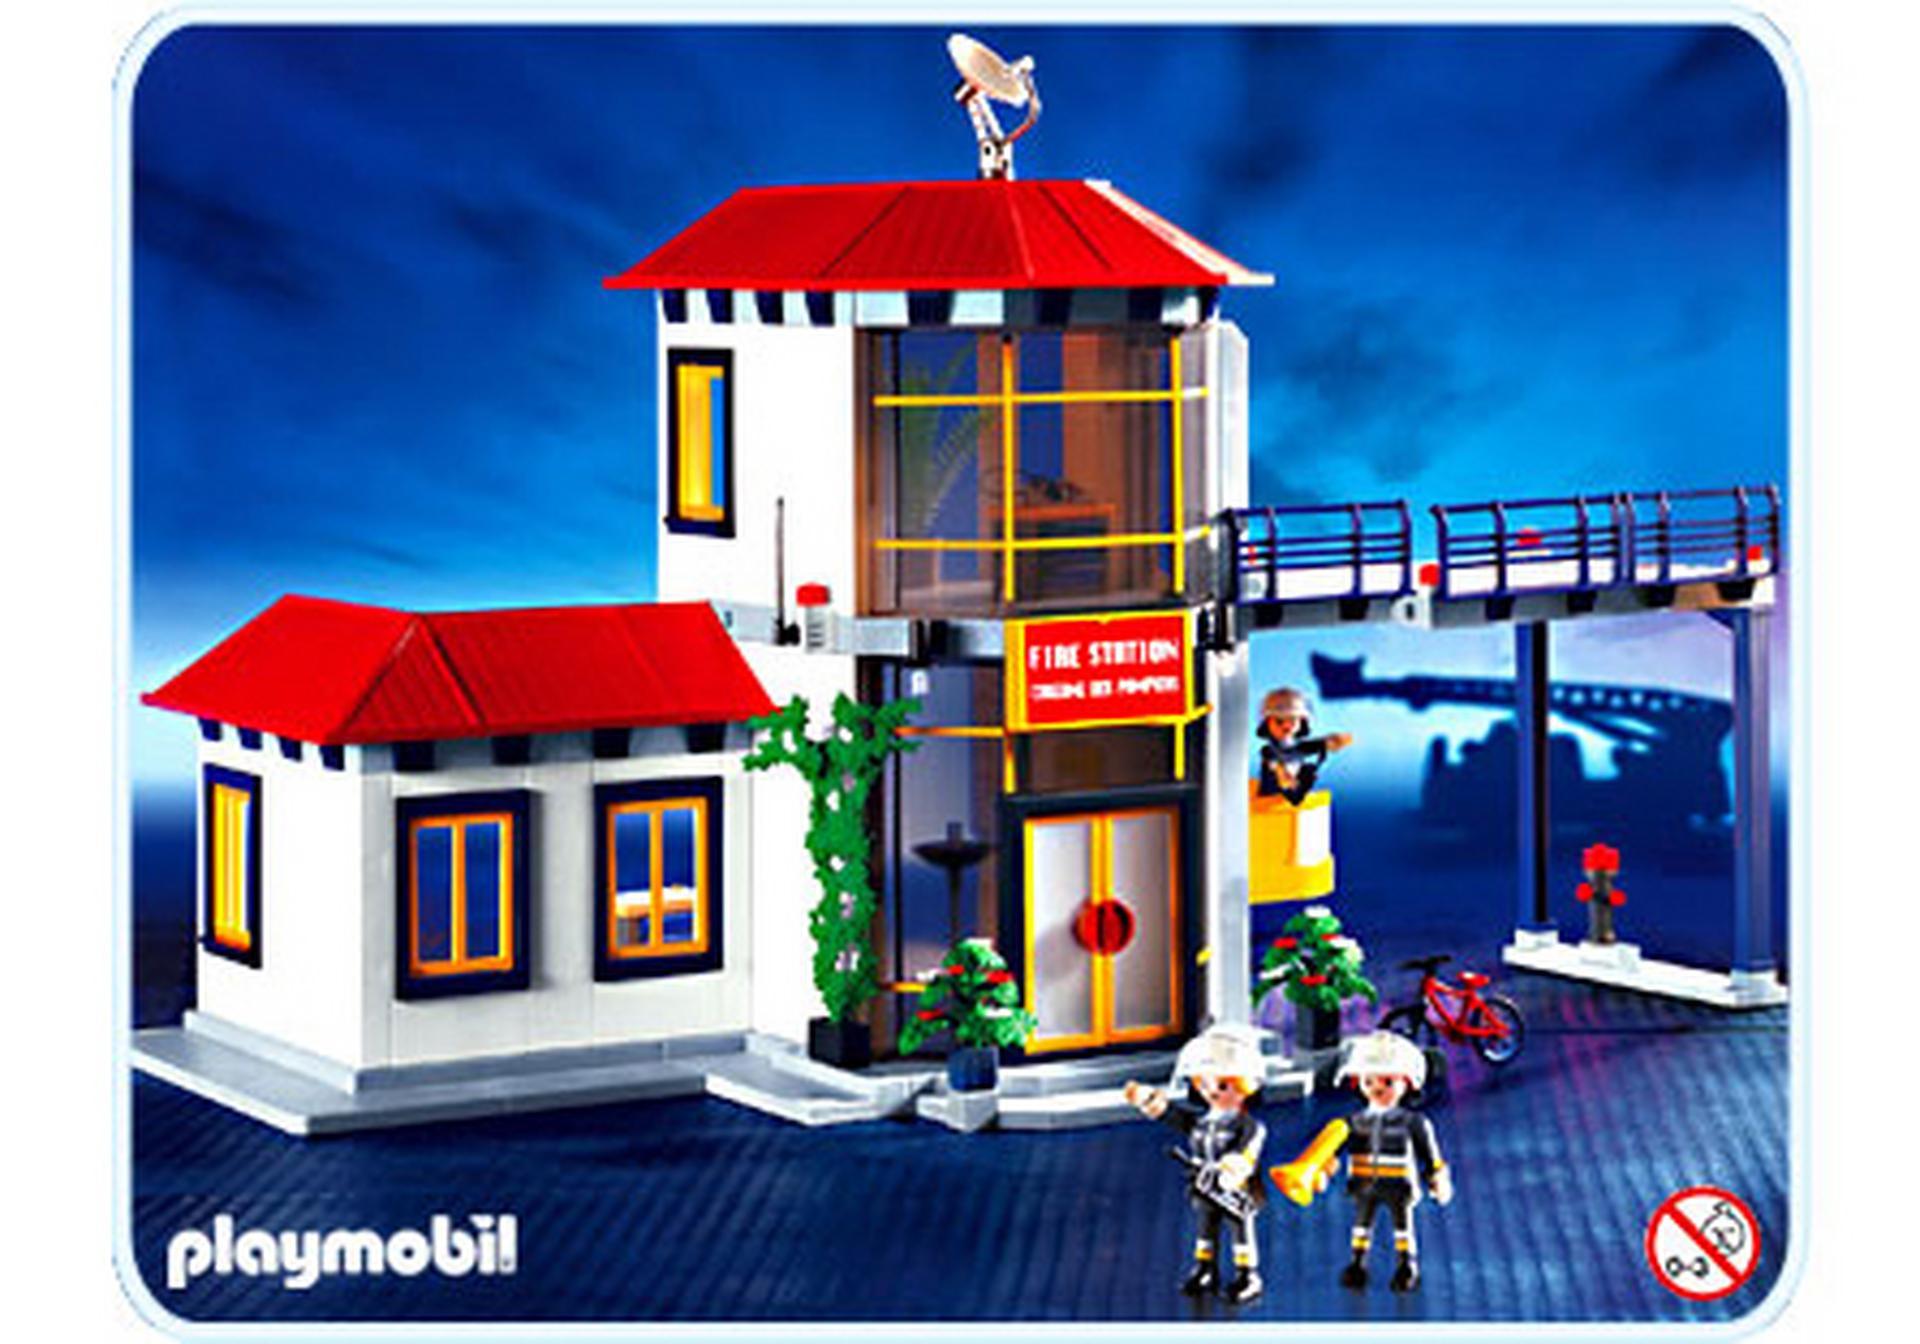 pompiers caserne des pompiers 3175 a playmobil france. Black Bedroom Furniture Sets. Home Design Ideas